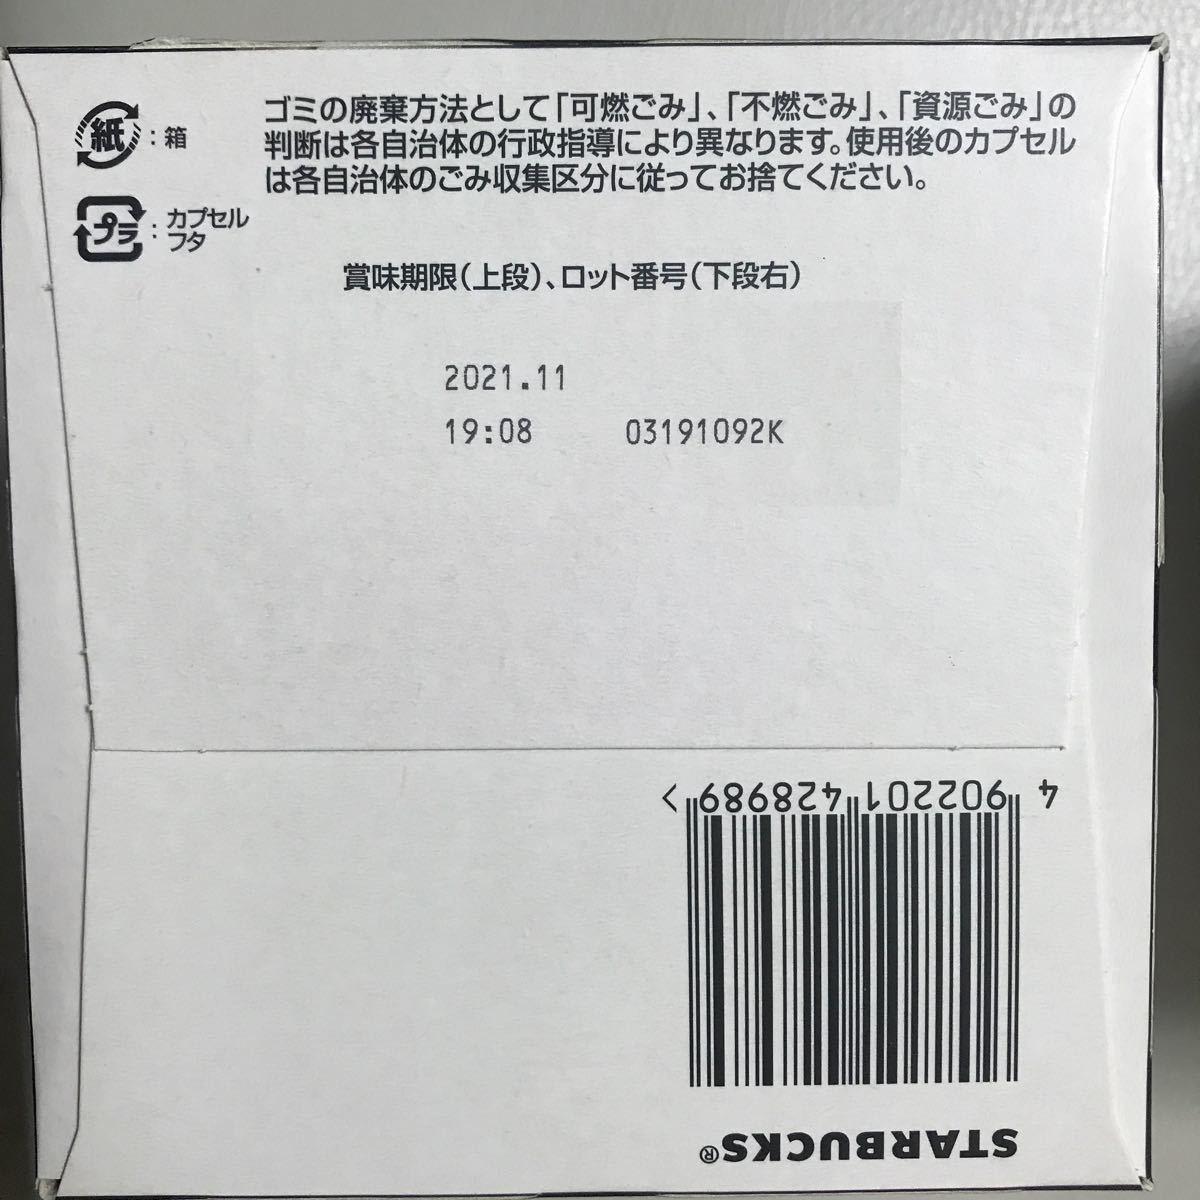 ネスカフェ ドルチェグスト 専用カプセル スターバックス  カプチーノ・ラテマキアート 24カプセル(12杯分)